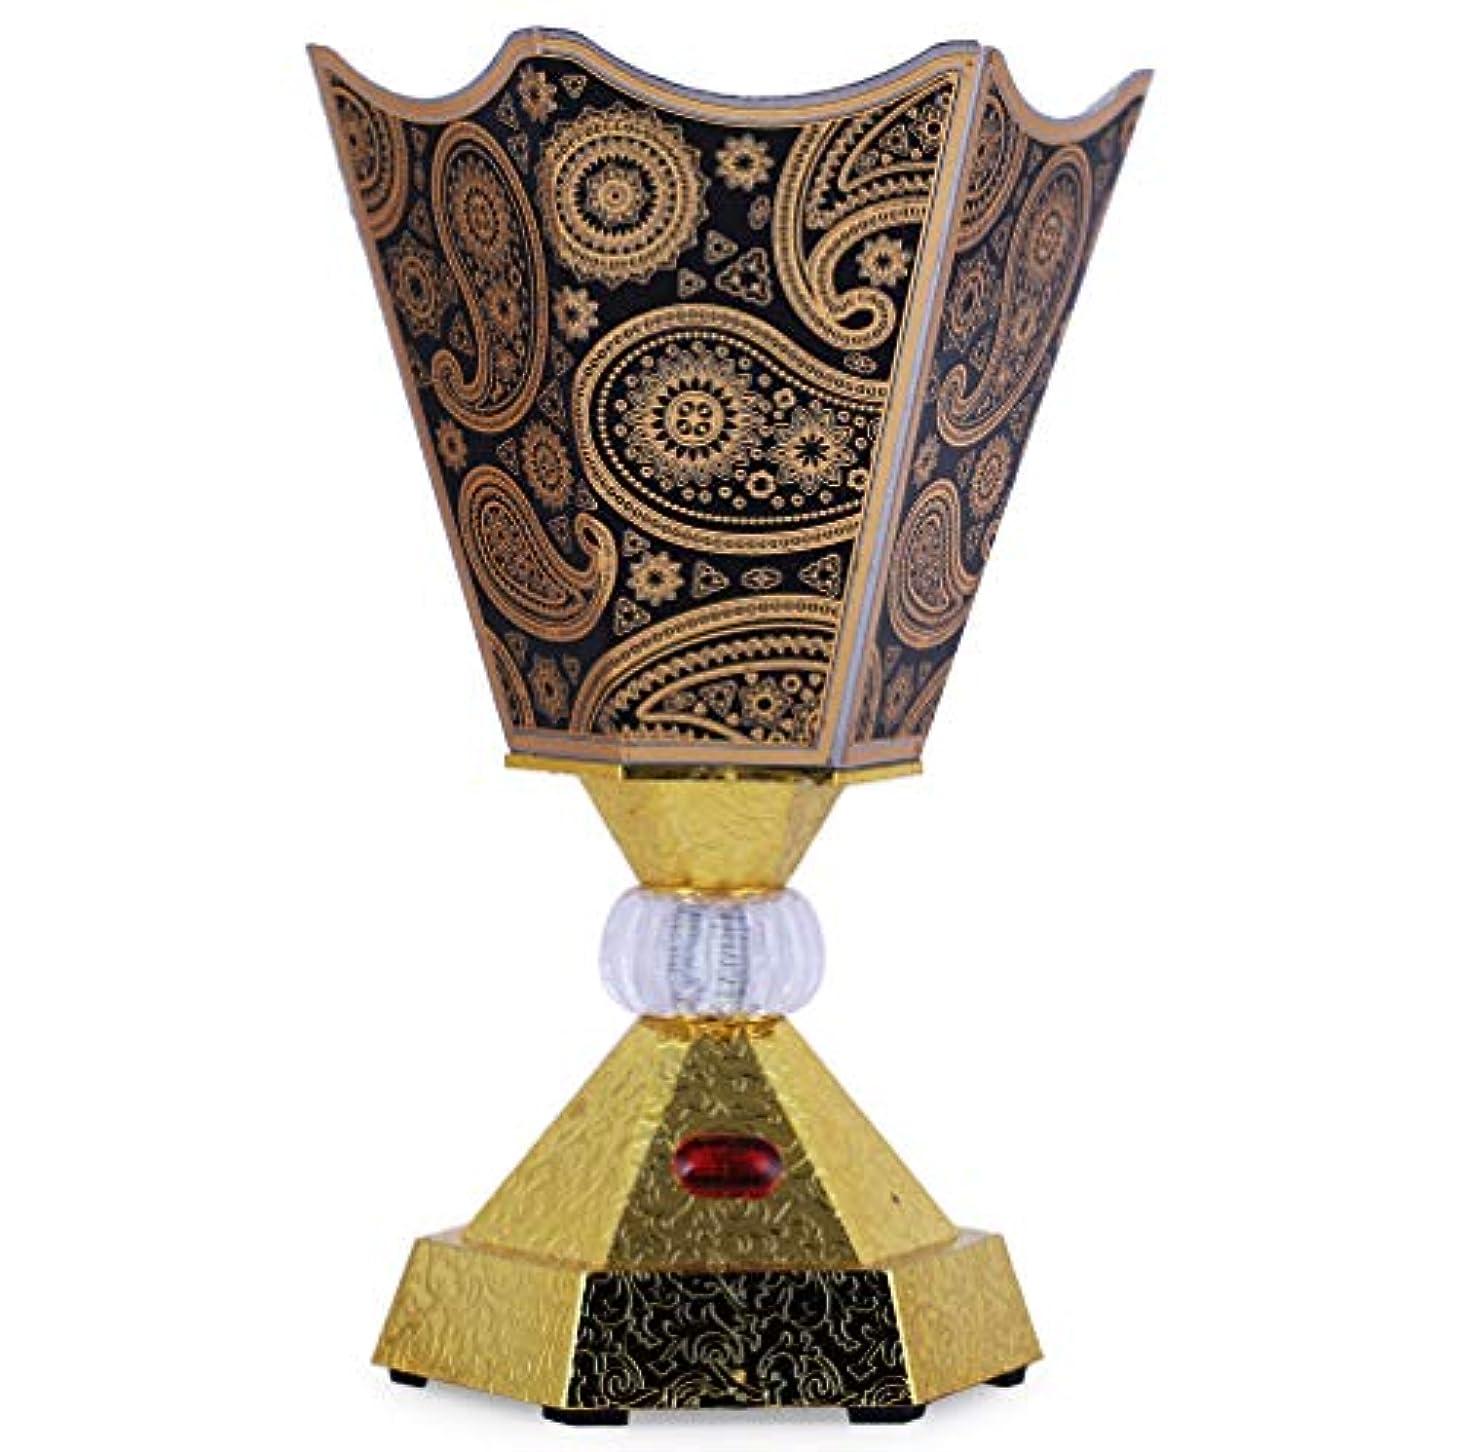 砂漠ランプ盟主Vintage Style Incense Bakhoor/Oud Burner Frankincense Incense Holder Electric, Best for Gifting IB-31-Black